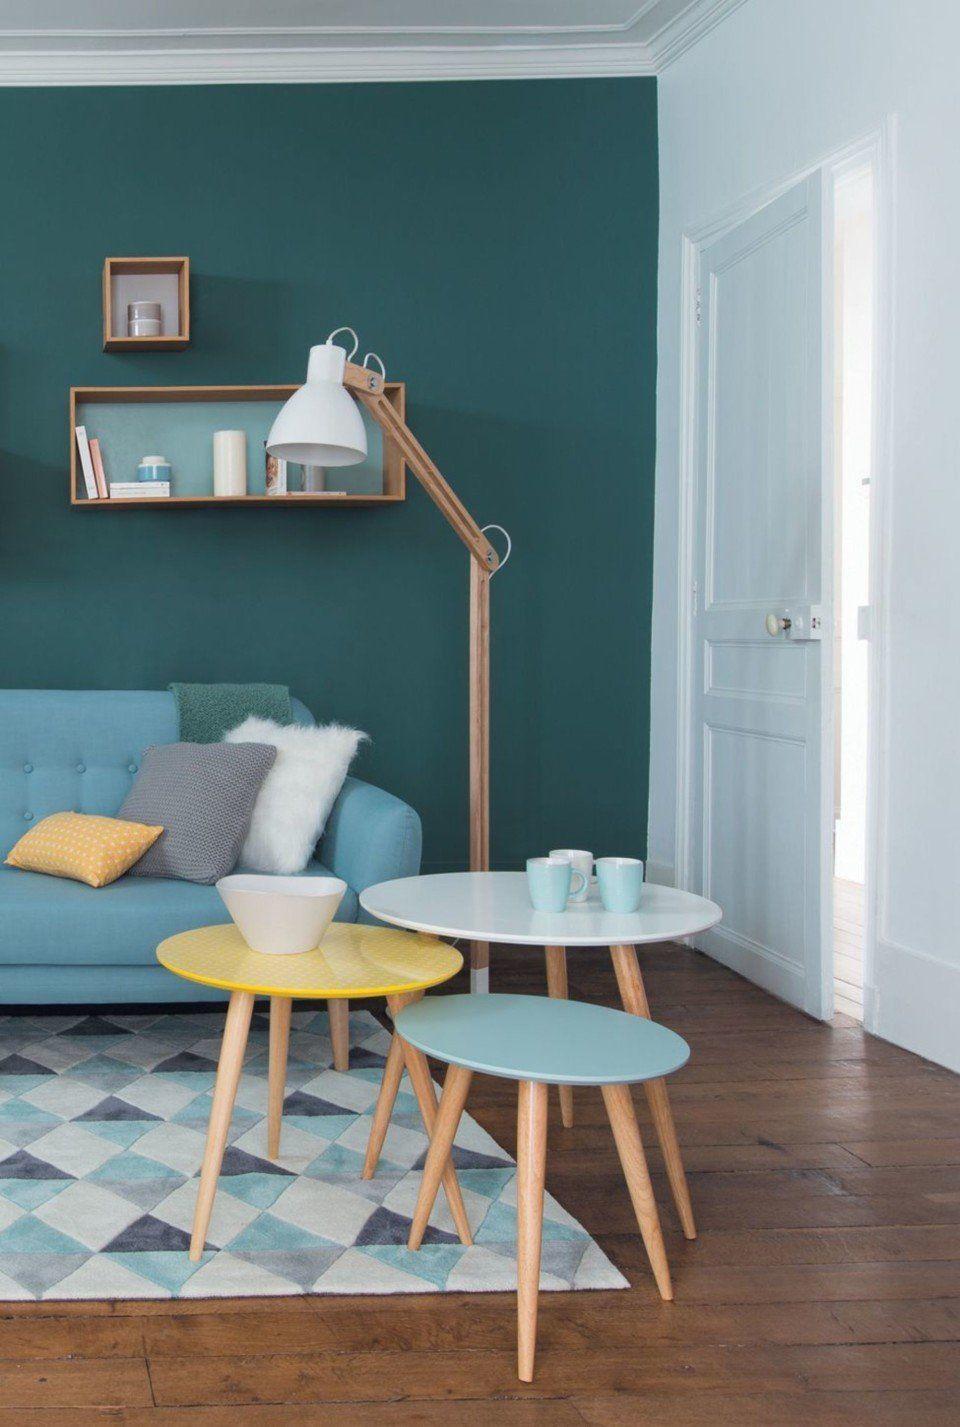 déco scandinave bleu ciel jaune table ronde bois tapis graphique